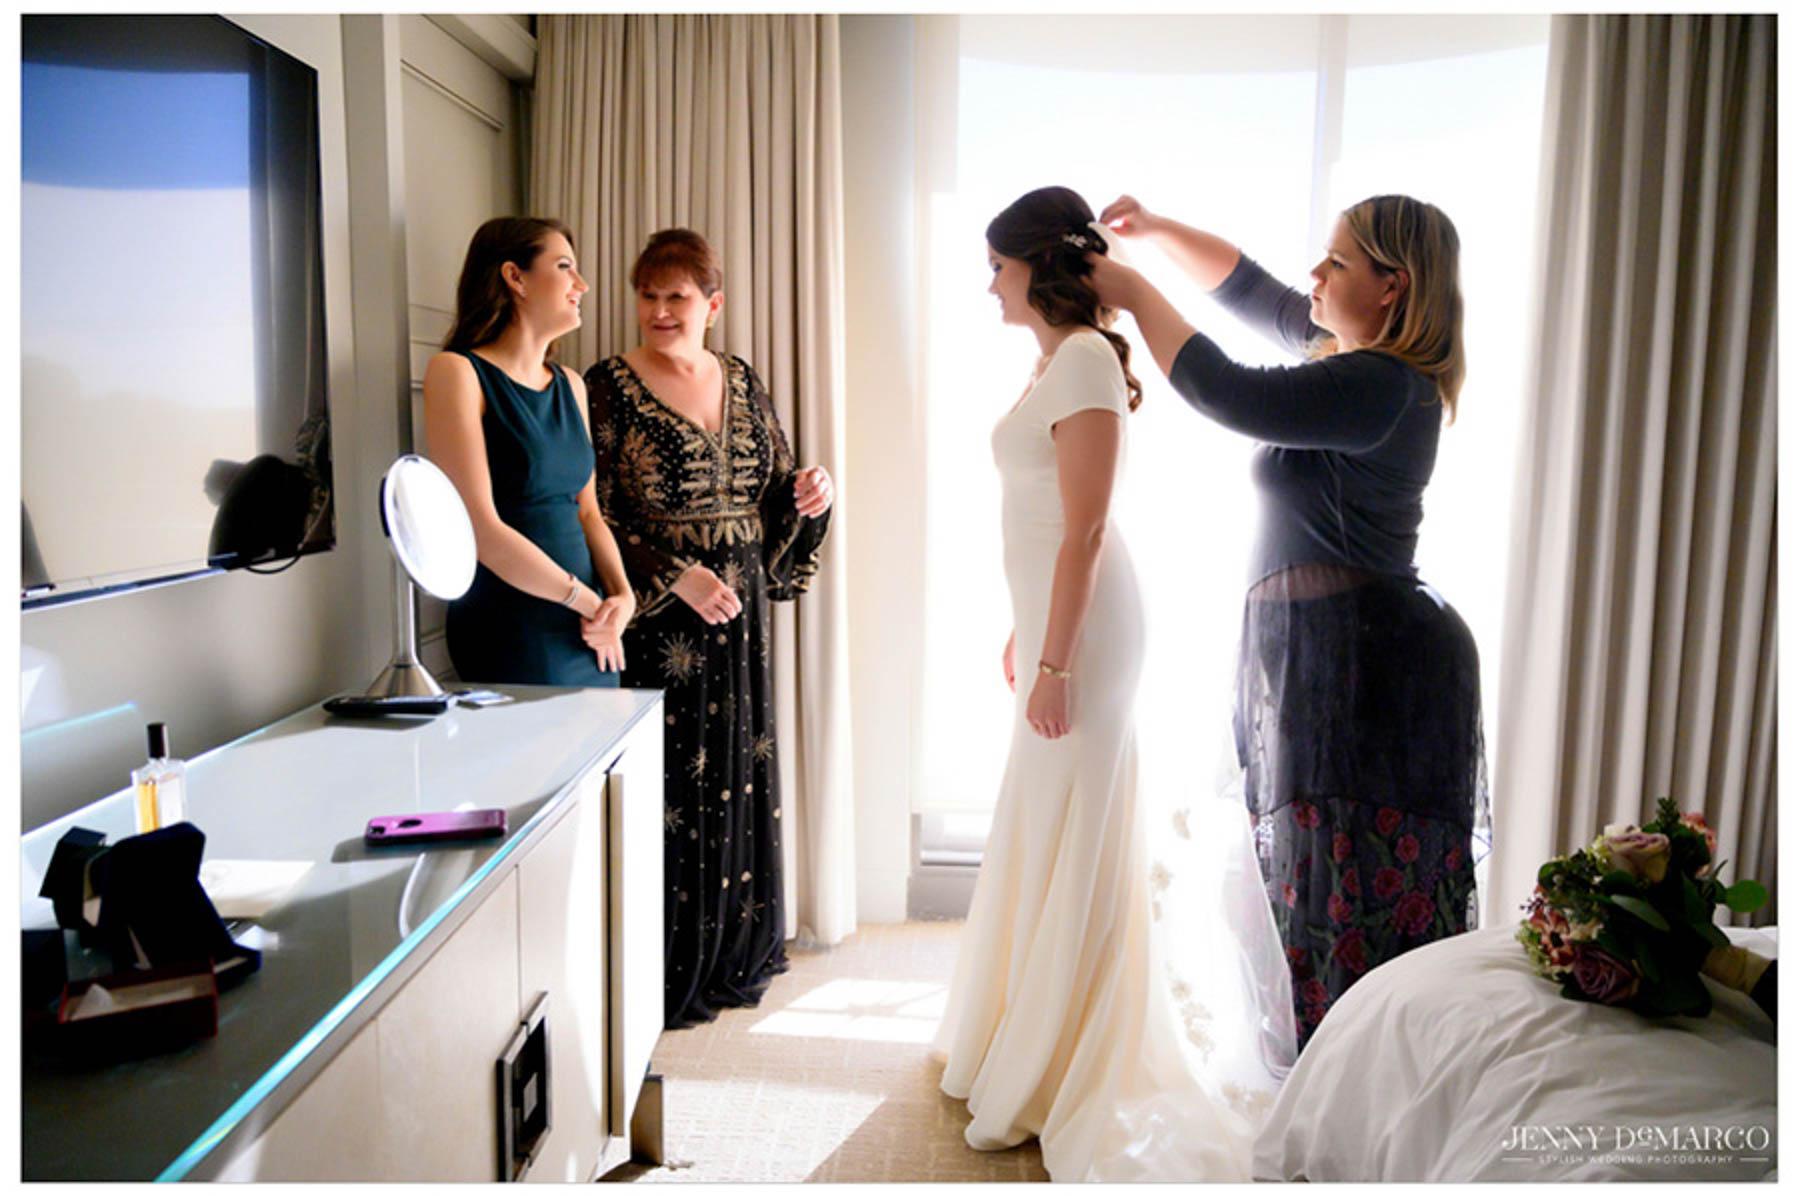 friend of bride puts veil in bride's hair